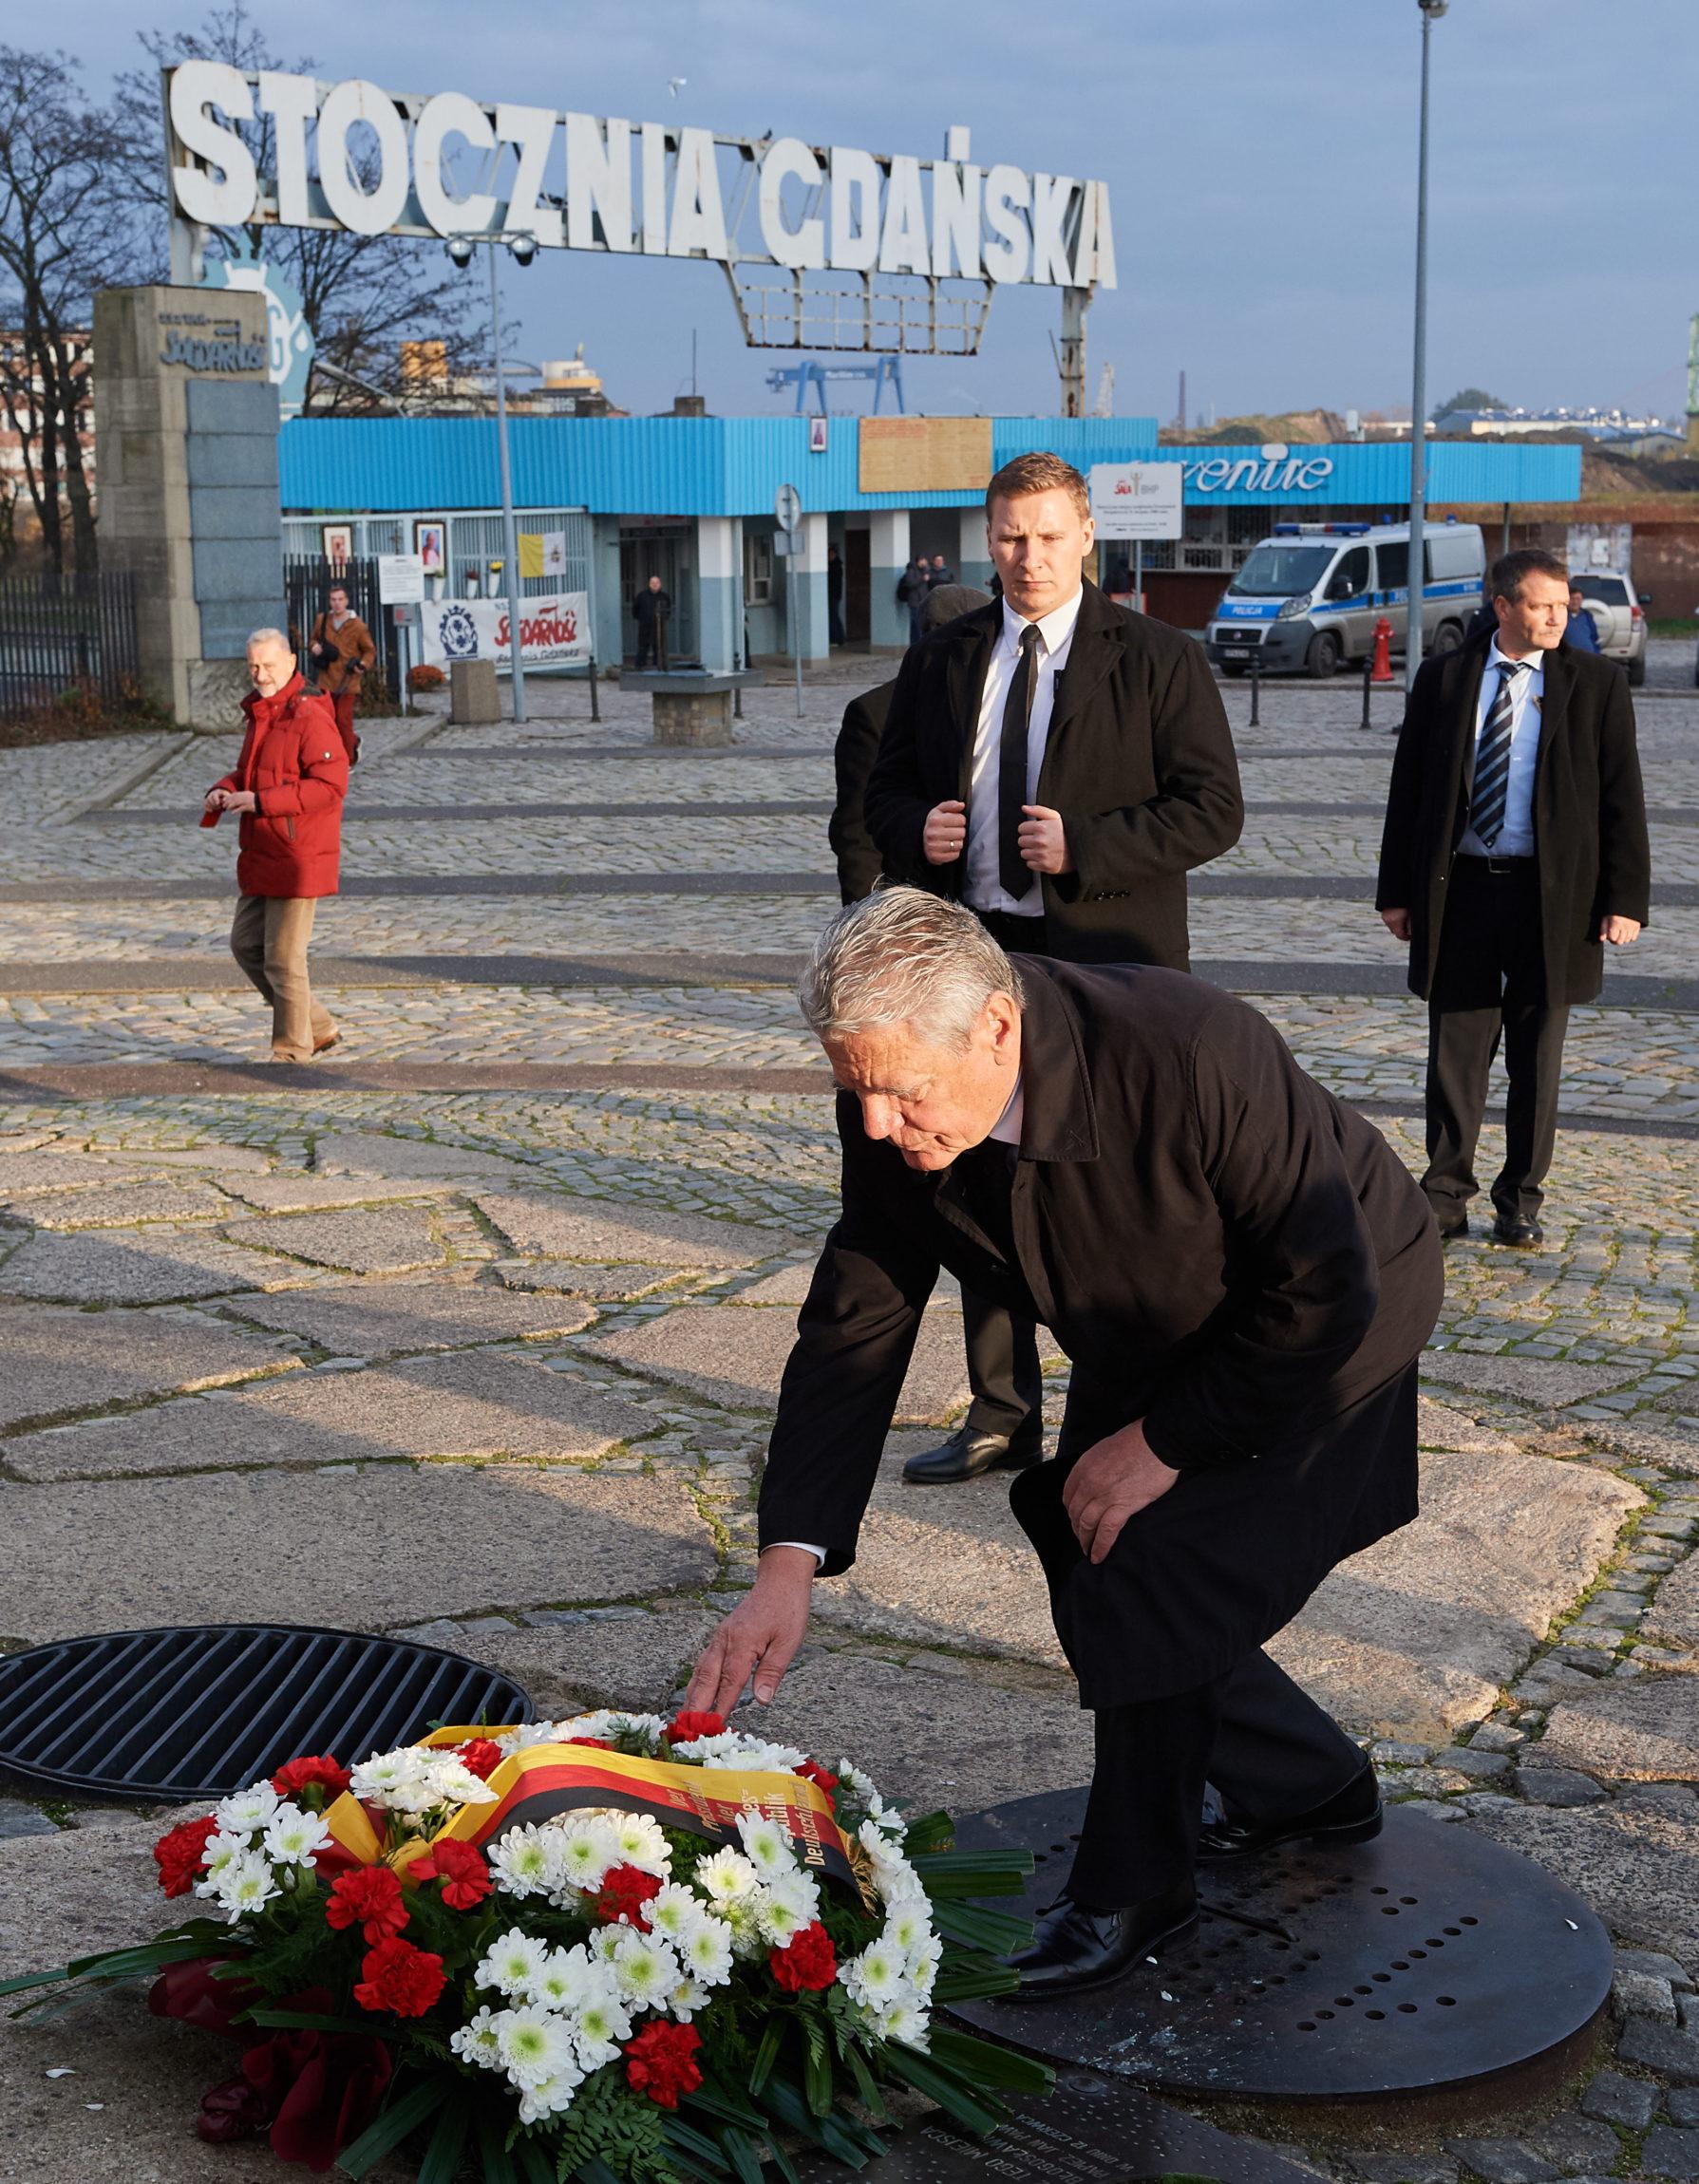 Prezydent Niemiec Joachim Gauck złożył kwiaty przed pomnikiem Poległych Stoczniowców 1970. Niemiecki prezydent przebywał, 10 listopada w Gdańsku. Fot. PAP/Adam Warżawa